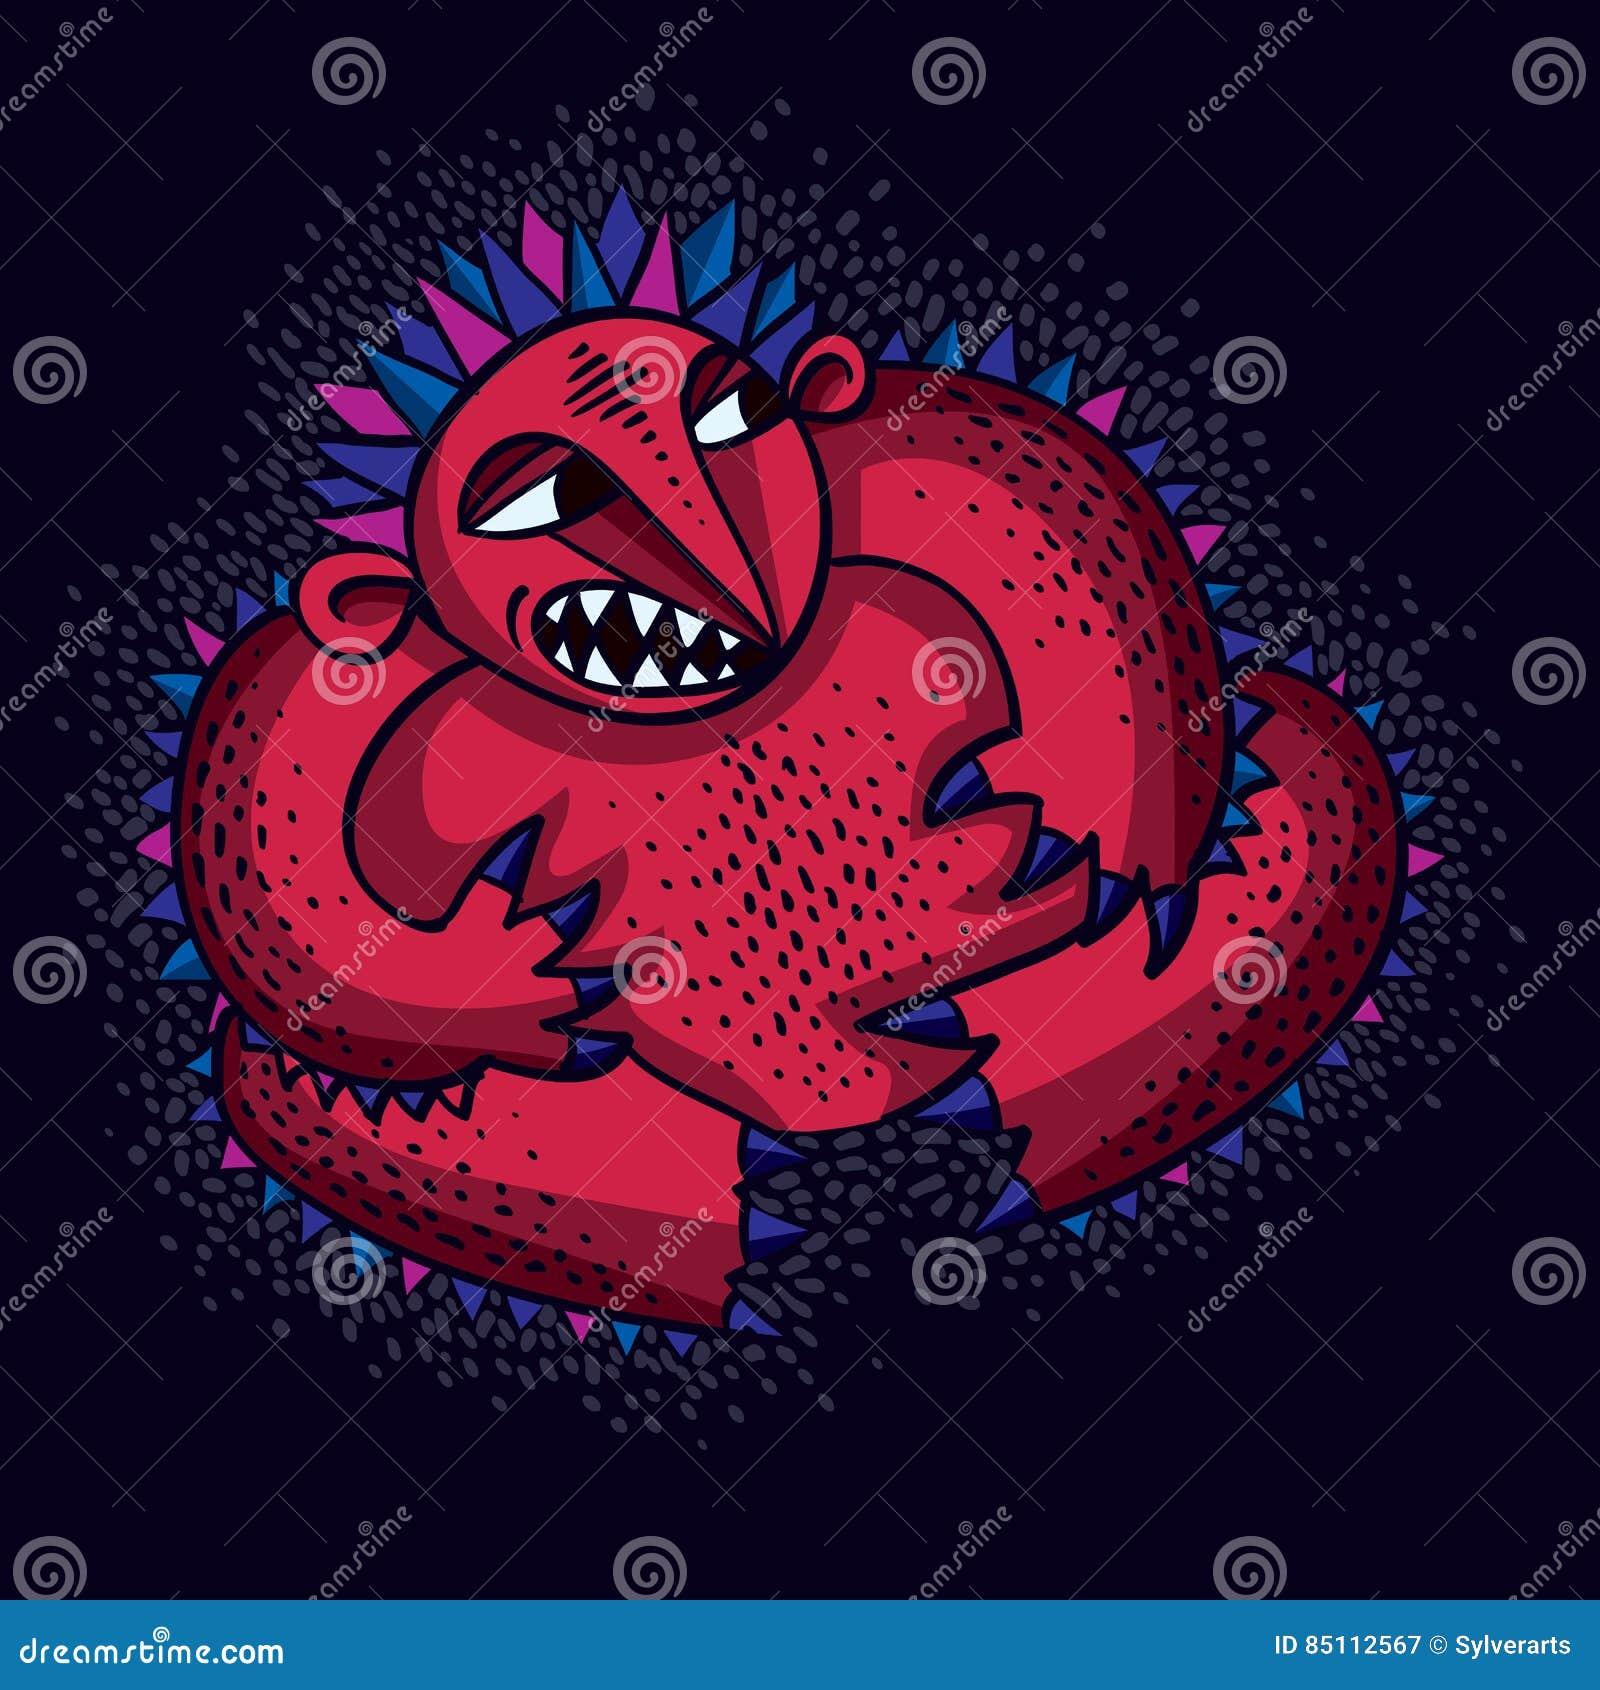 De vector vlakke illustratie van het karaktermonster, leuke rode boze mutan